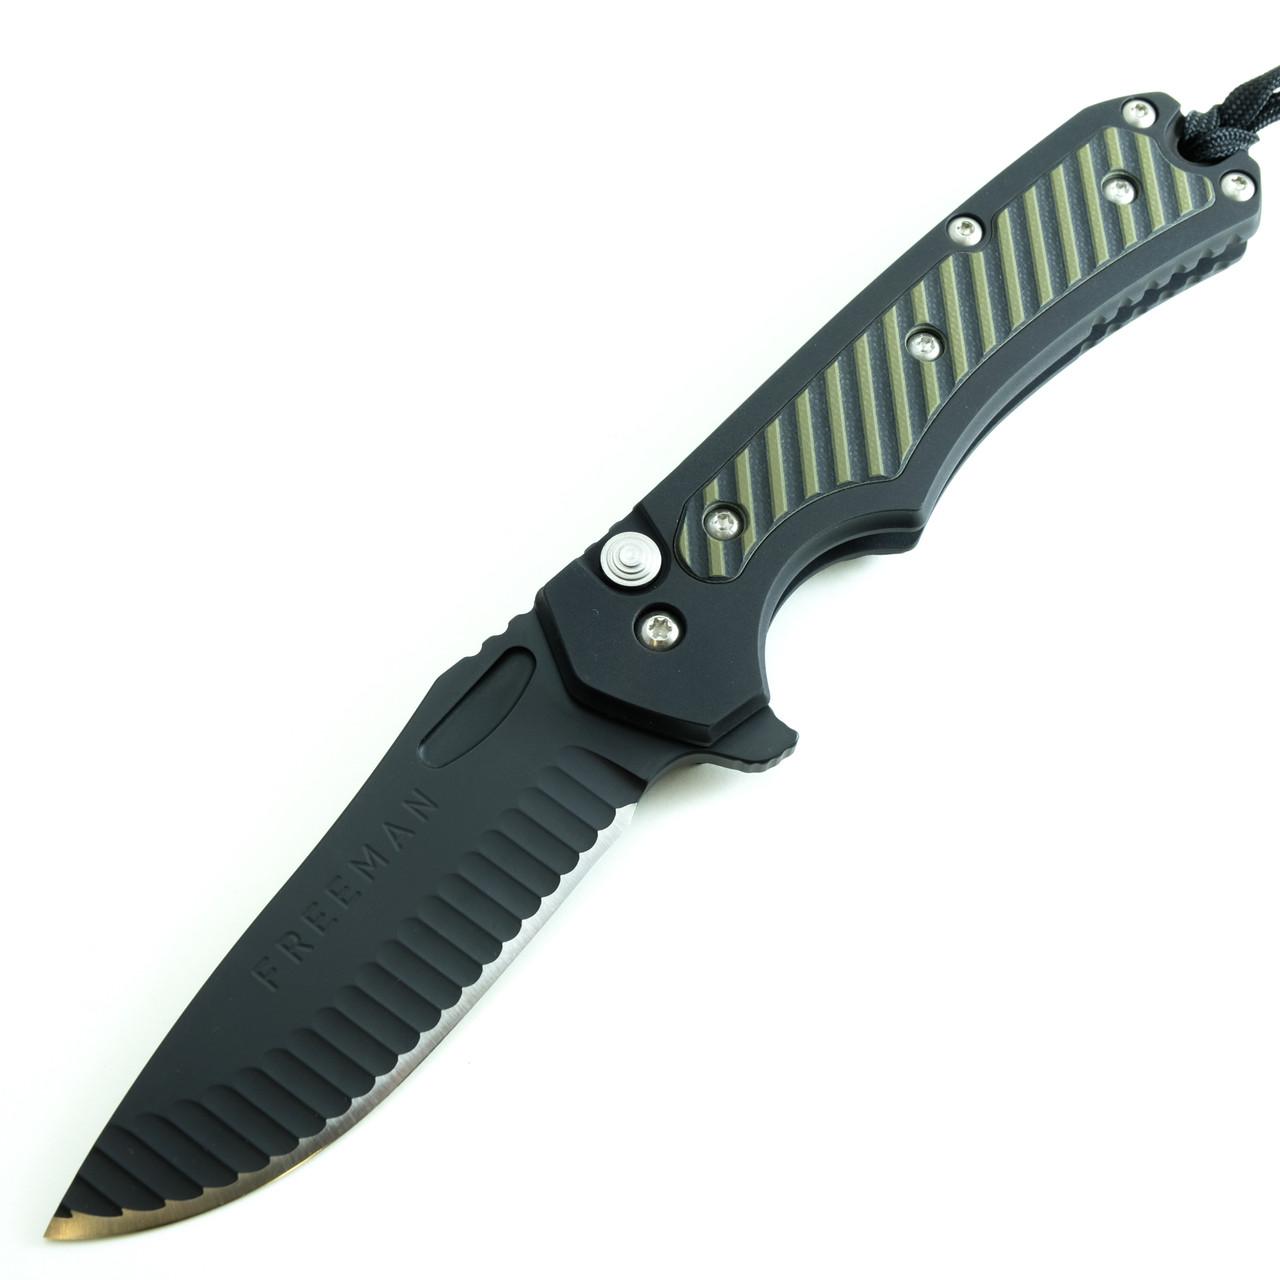 Freeman 451 BLF Black / OD Green & Black G10 Inlay